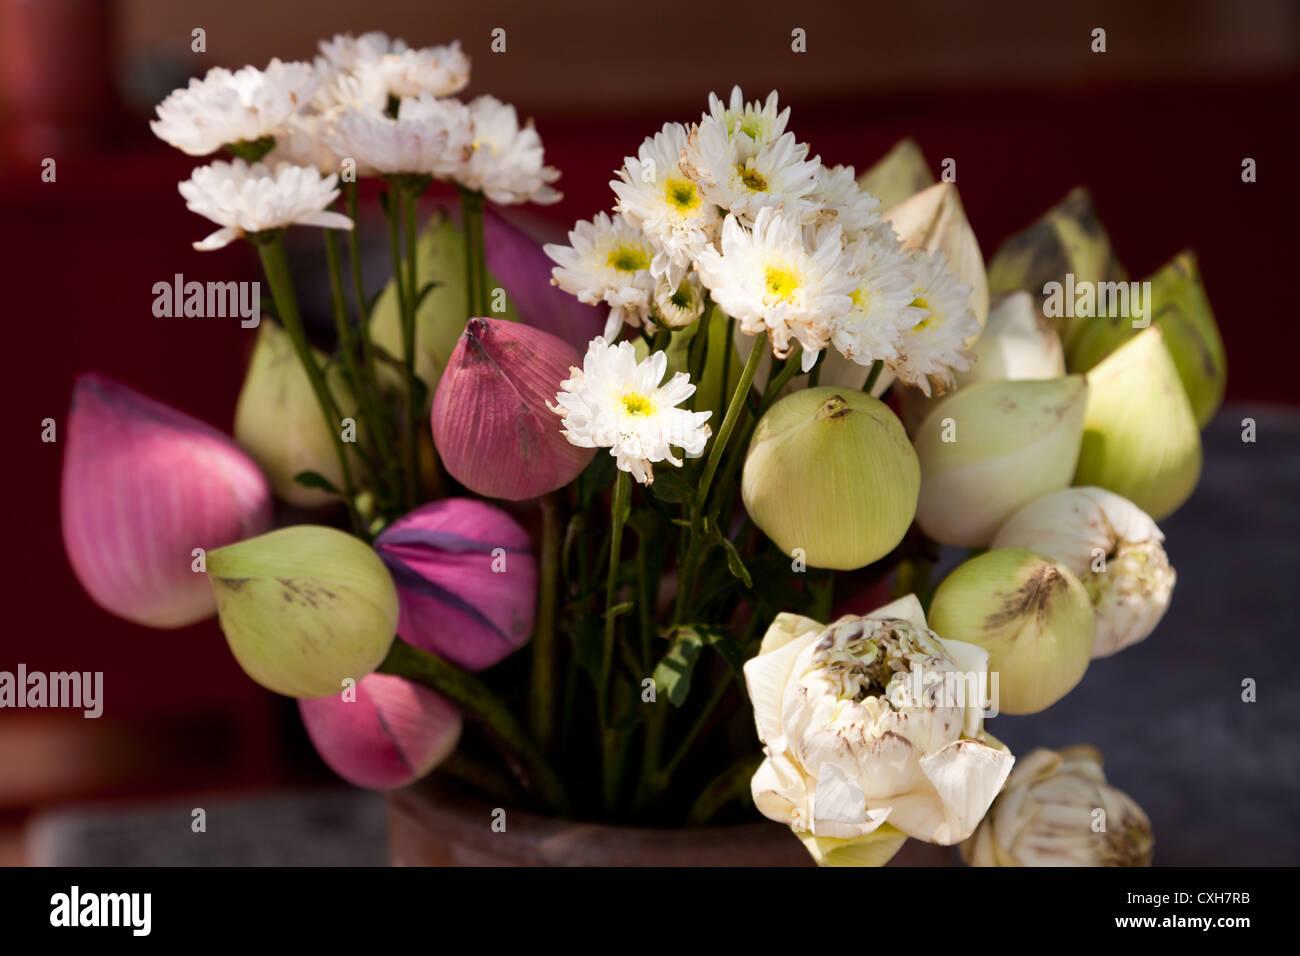 Blumen auf einem Blumenmarkt in Chiang Mai - Flowers on a Flower Market in Chiang Mai - Stock Image